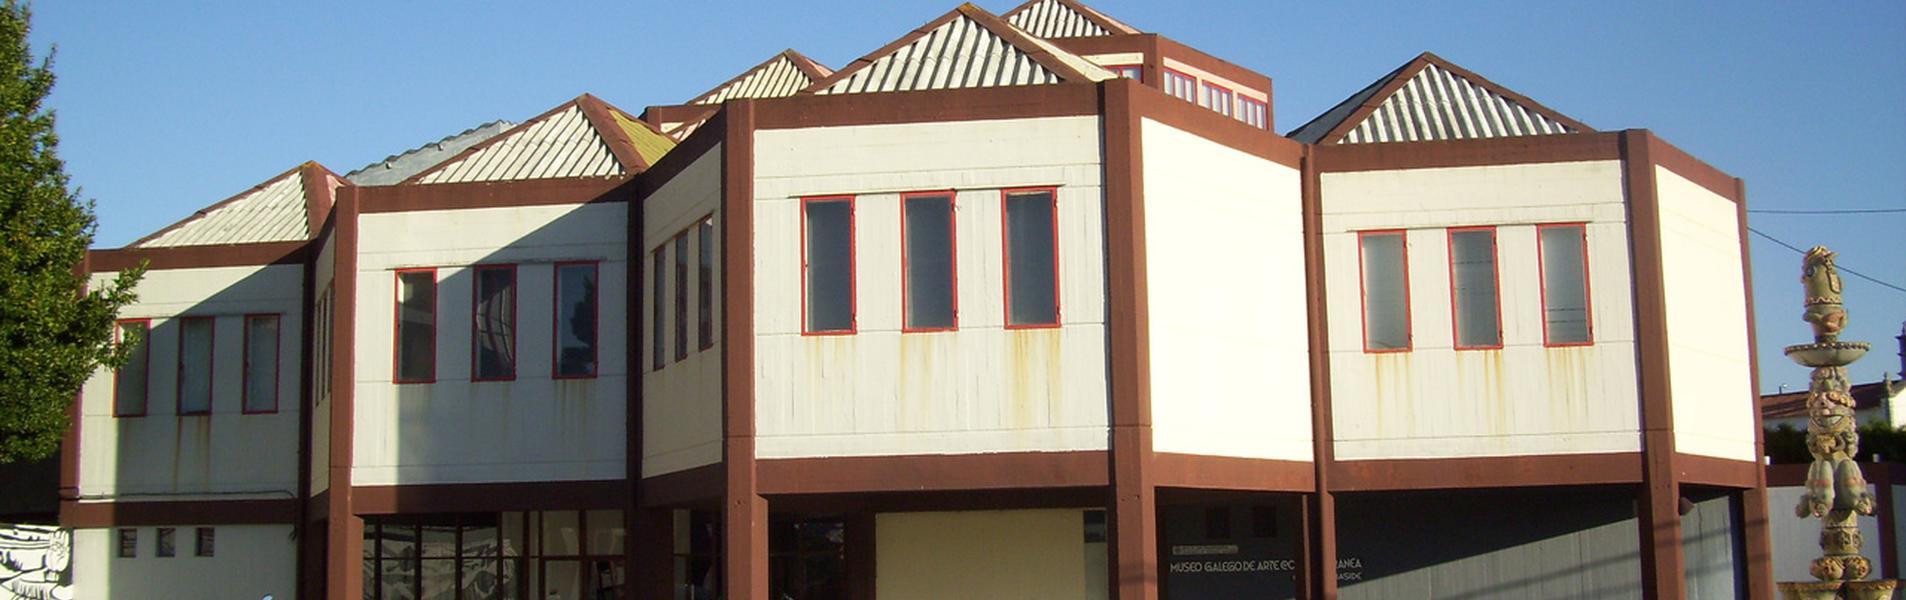 """Museo Gallego de Arte Contemporáneo """"Carlos Maside"""""""